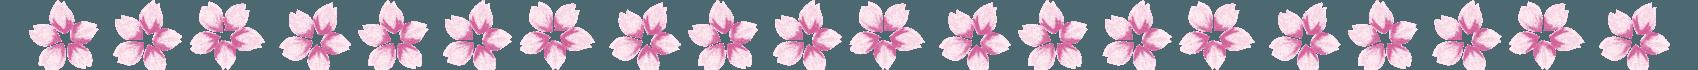 桜の花びらのライン素材